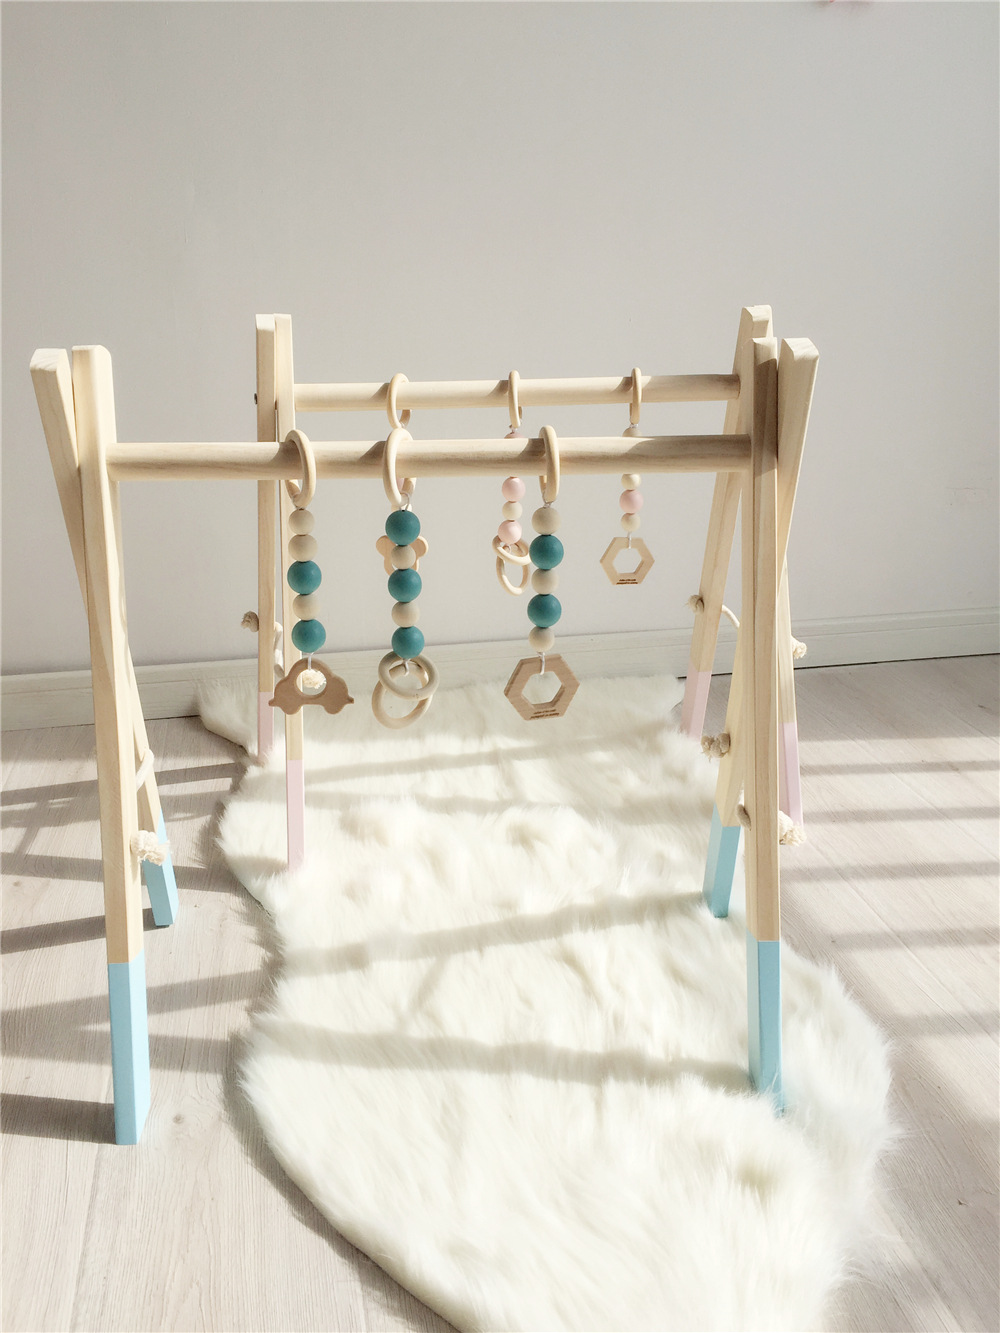 Nordique En Bois Baby Gym Avec Accessoires Jouer Gym Jouet Pépinière Décor Sensorielle de Kid Room Decor Photographie Props